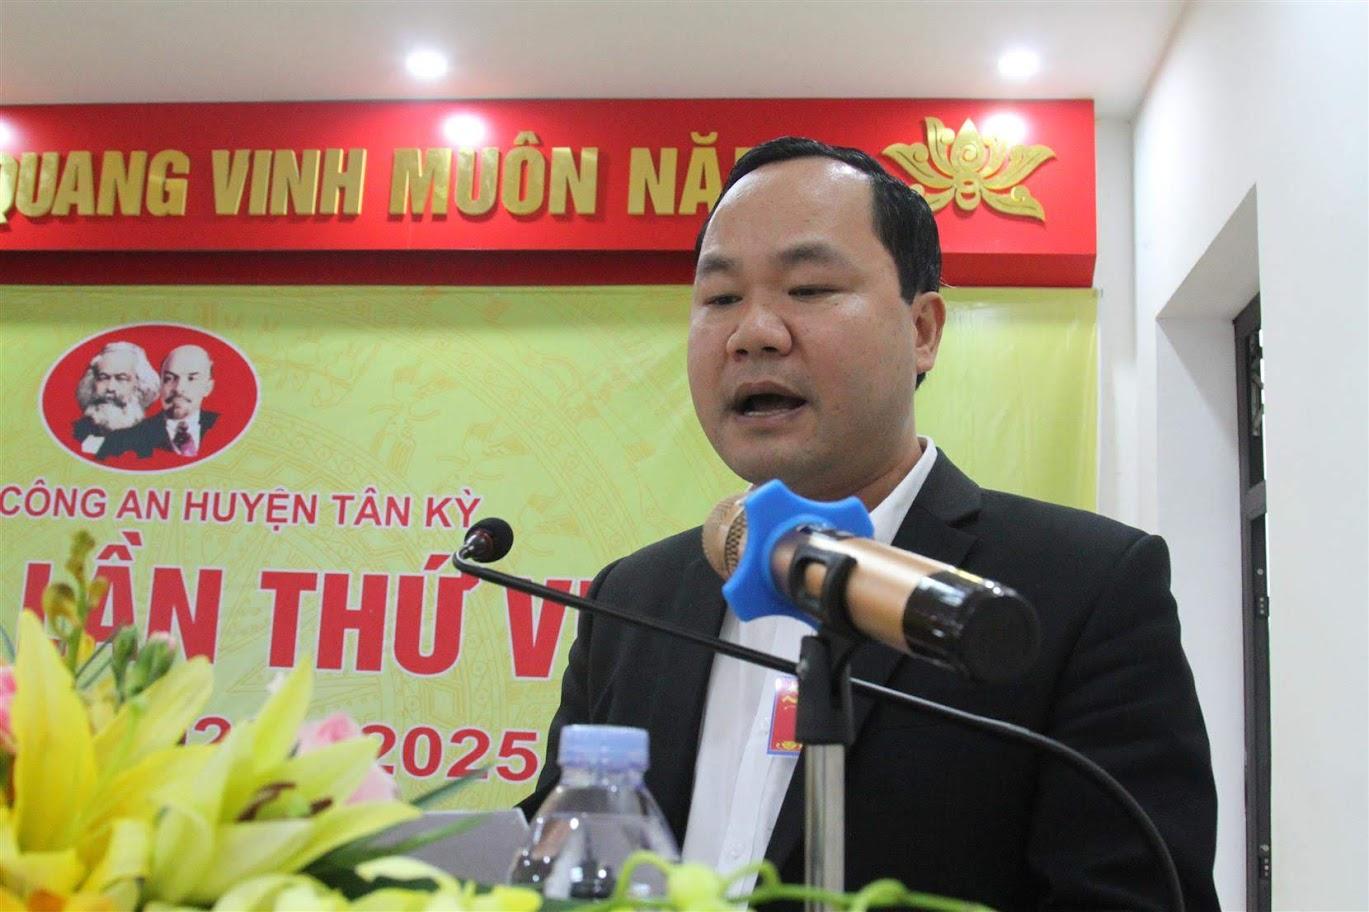 Đồng chí Hoàng Quốc Việt - Chủ tịch UBND huyện Tân Kỳ phát biểu chỉ đạo